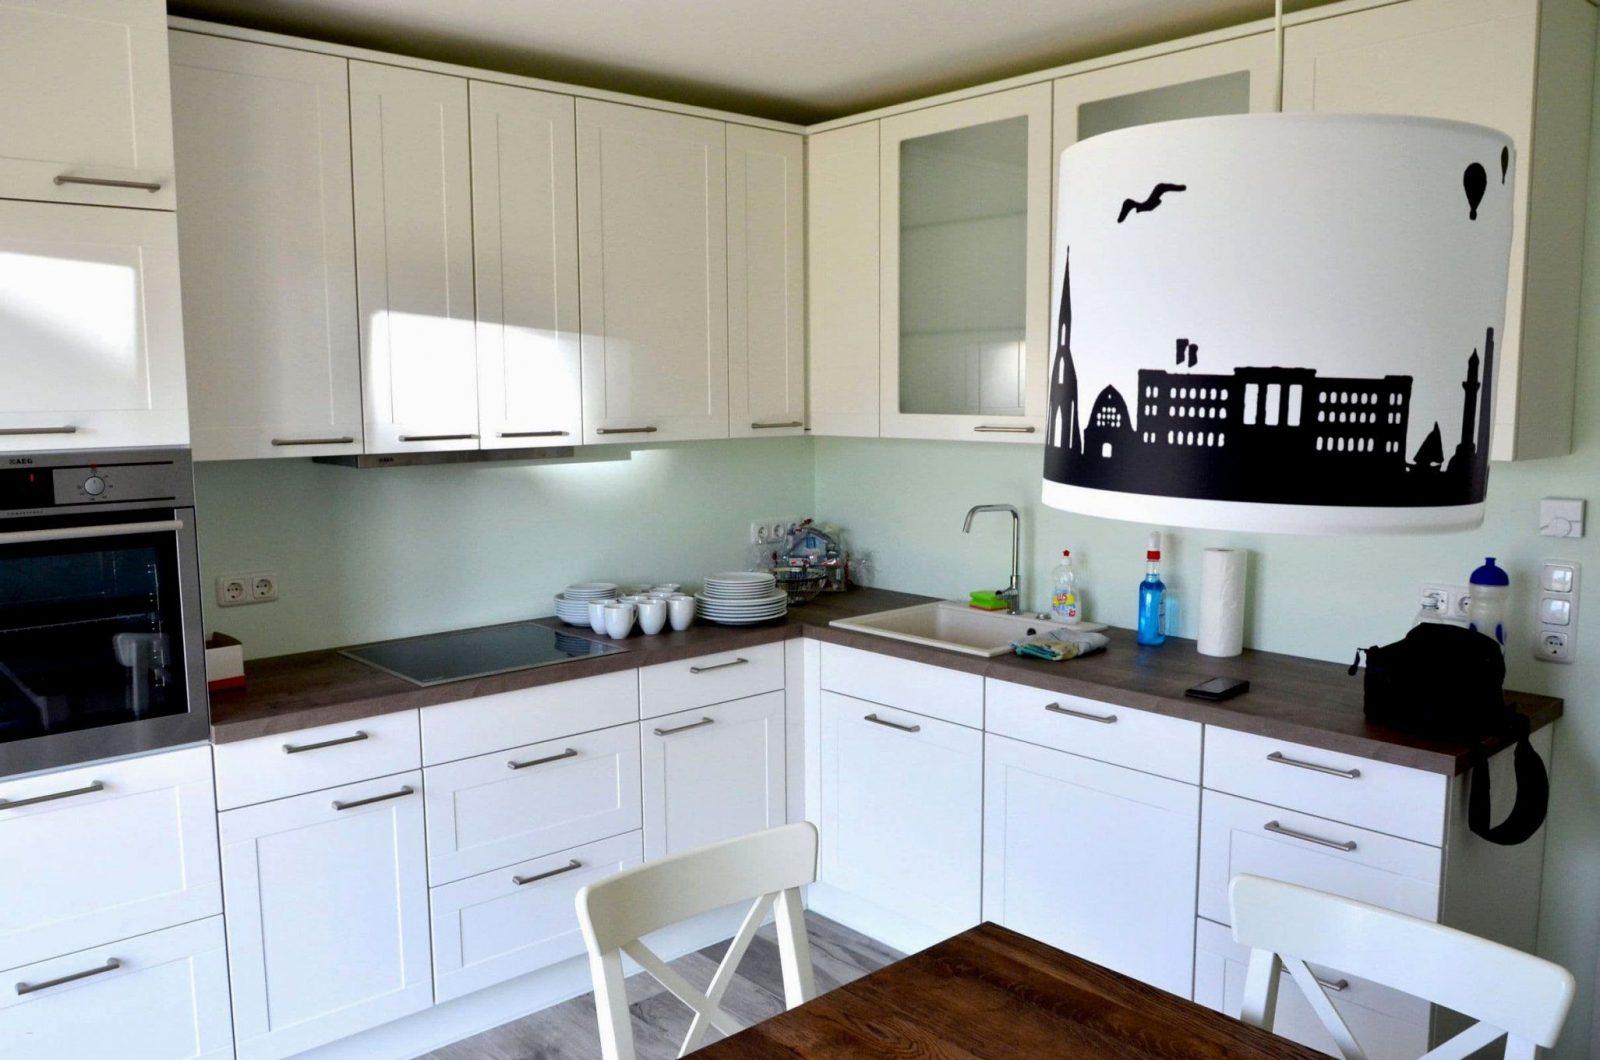 wohnideen kuche lackieren vorher nachher mit frisch kuche von kuche lackieren vorher nachher photo